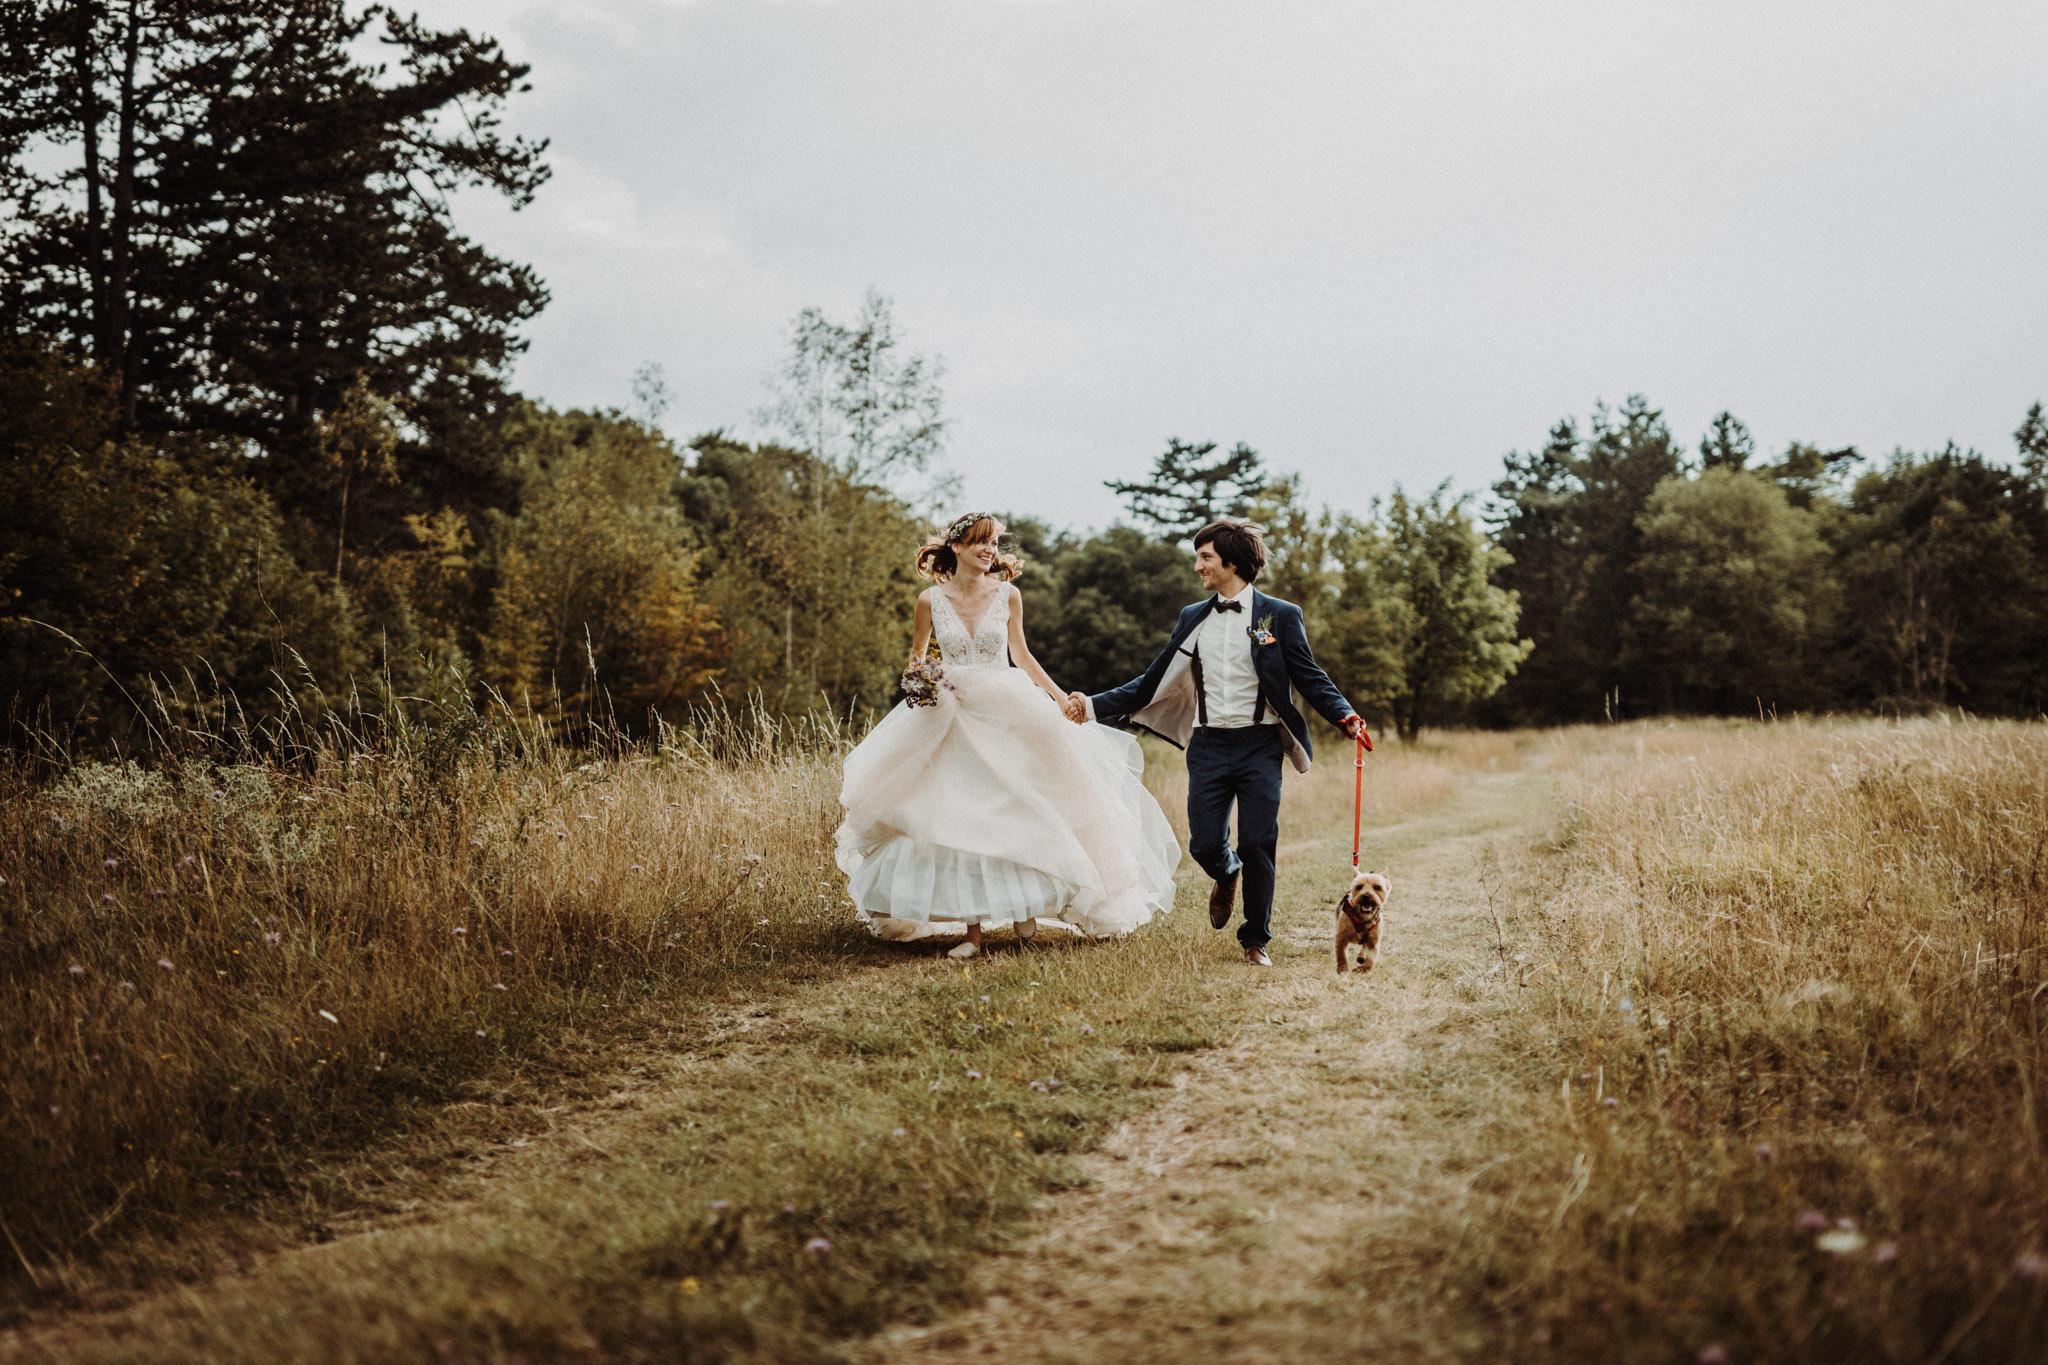 Thüringer Hochzeitsfotografie | Hochzeit Landgrafen Jena Fotograf